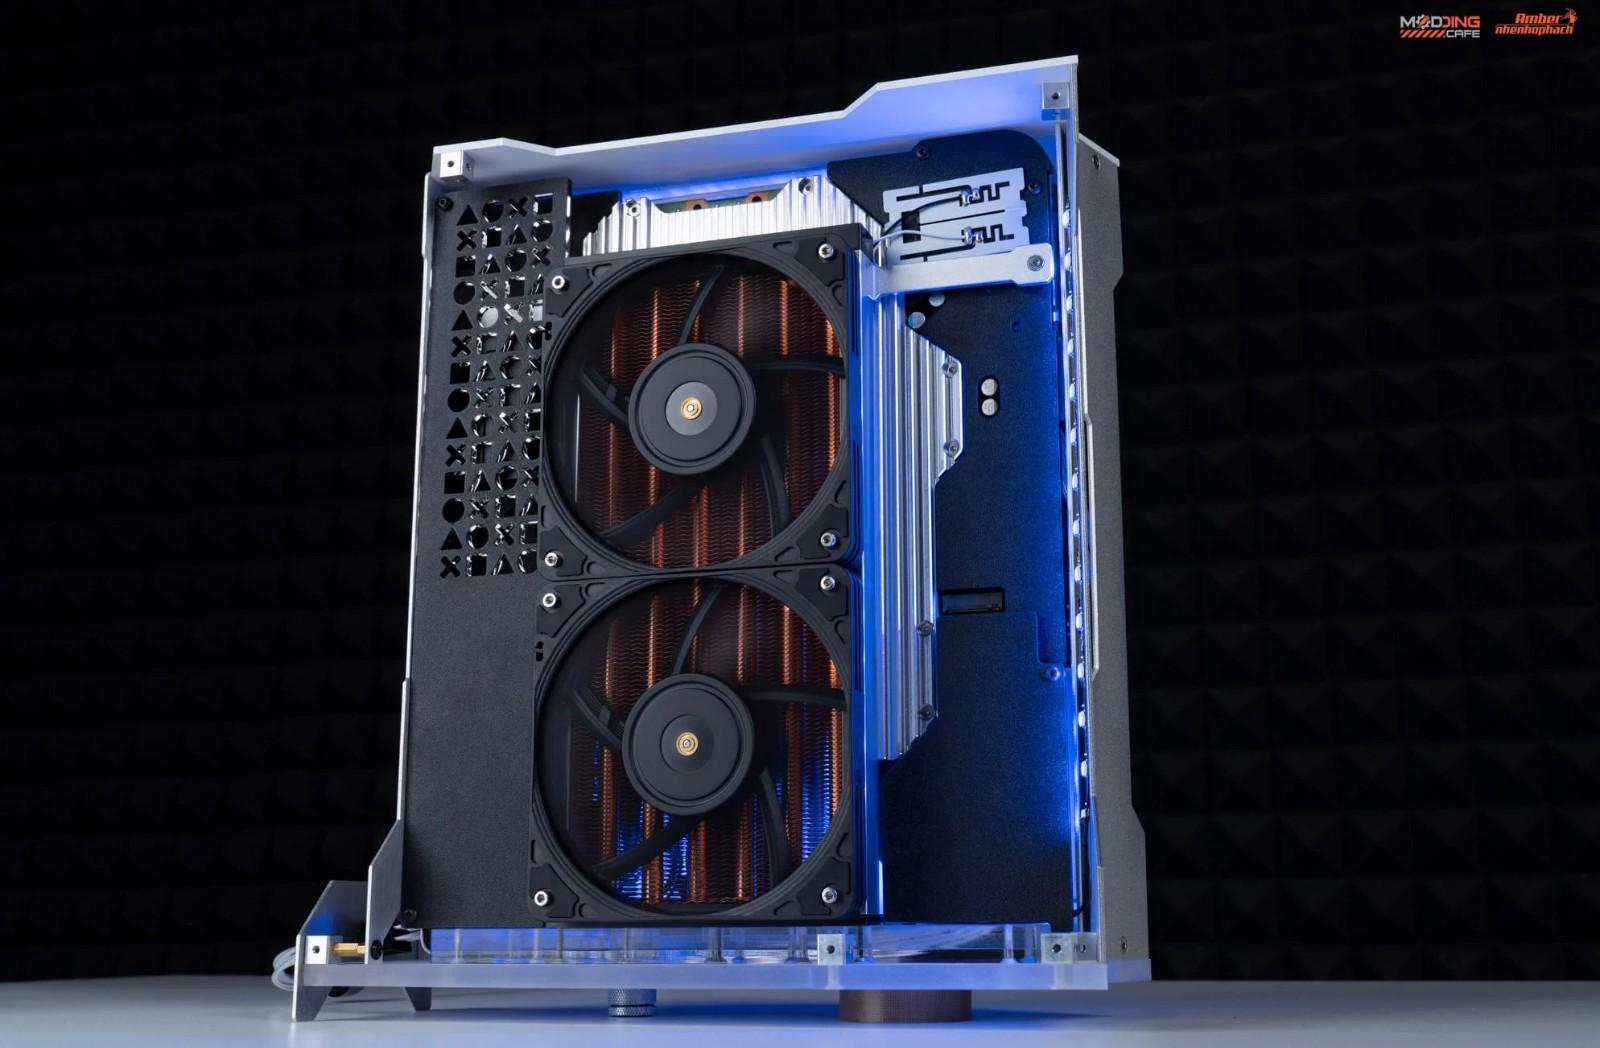 越南PC硬件改装师打造了一个水冷版PS5 并表示很快会售卖